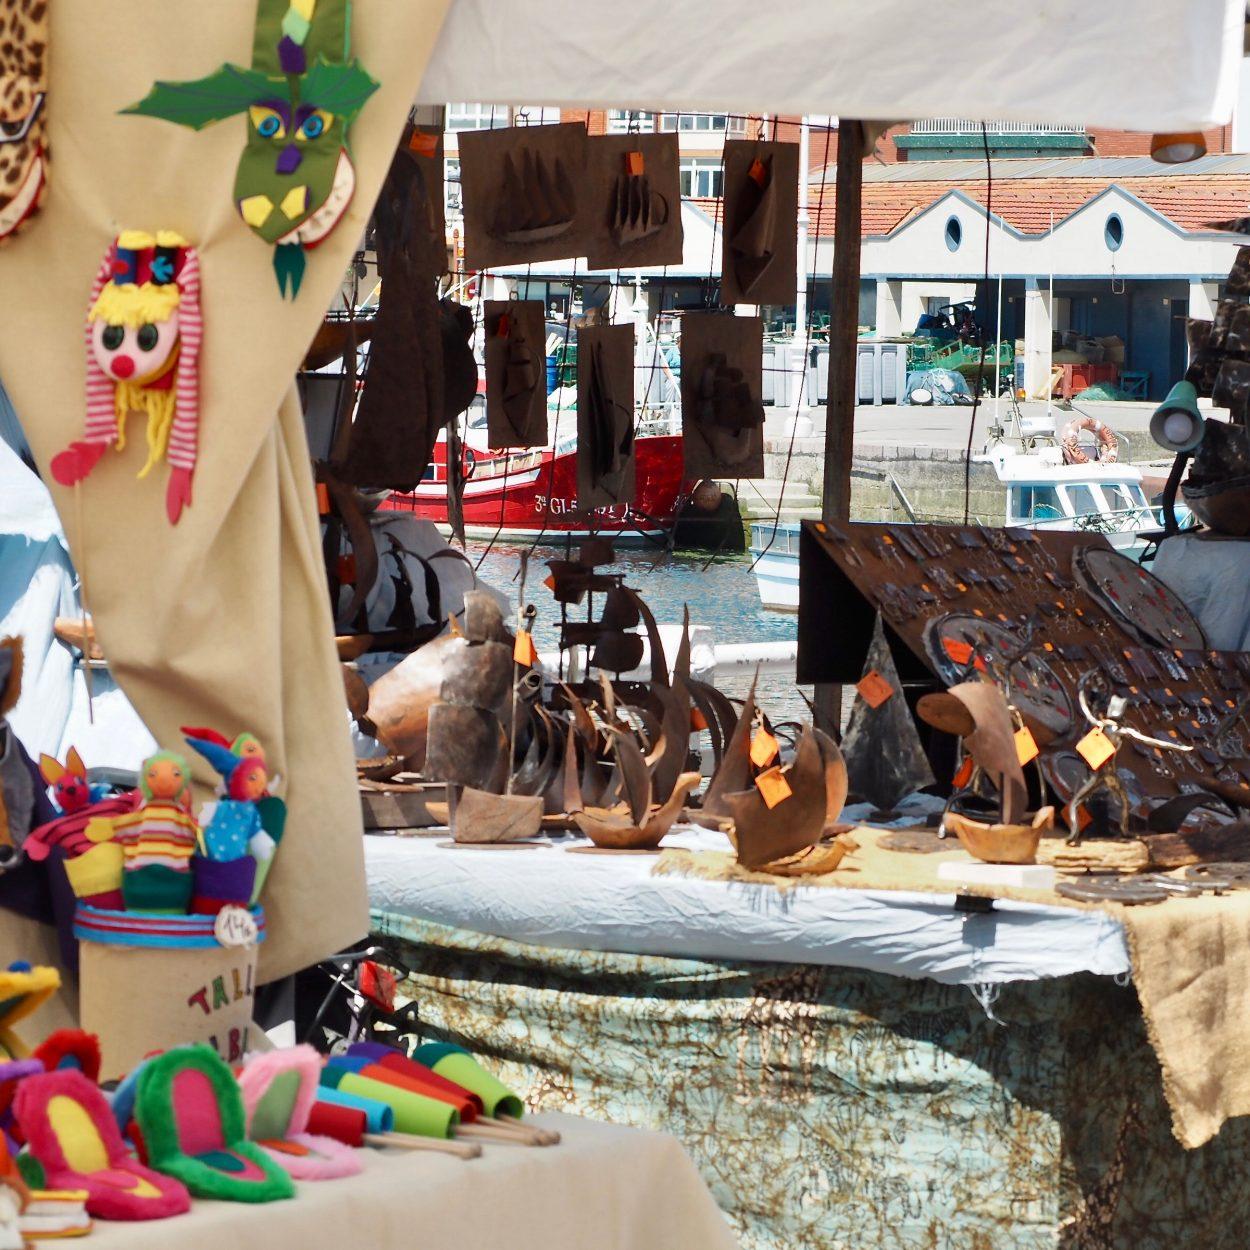 La XI Feria de Artesanía de Ribadesella prolonga su estancia en el Paseo Princesa Letizia a diez días